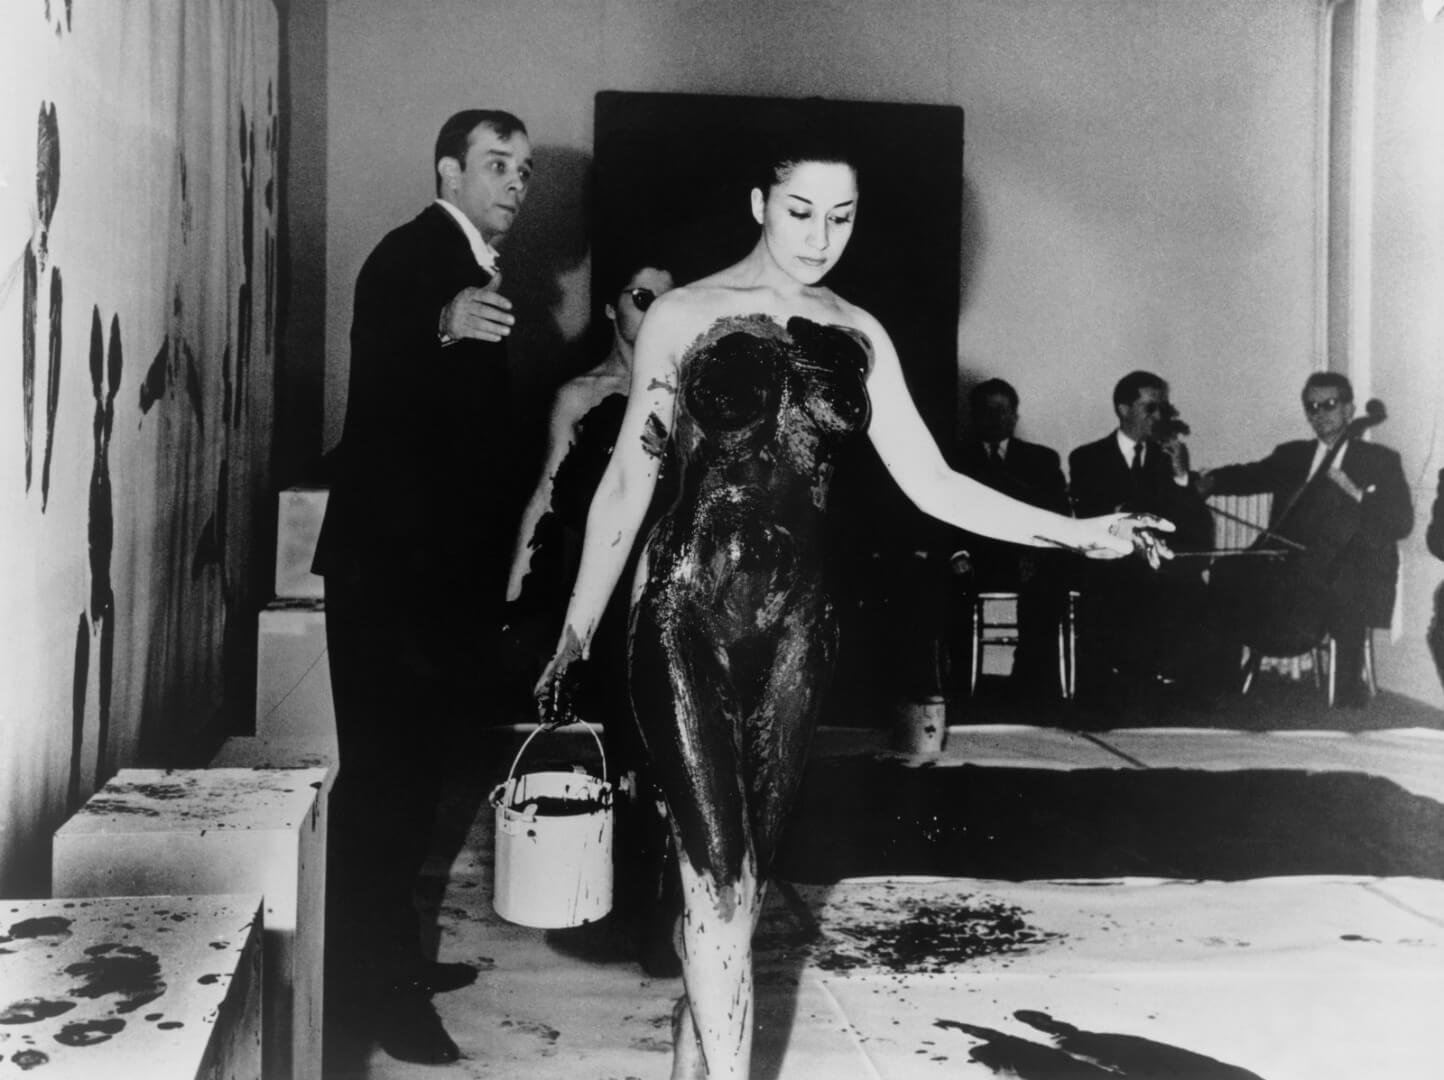 הפנינג- איב קליין, אנתרופומורפיה של התקופה הכחולה, 1961